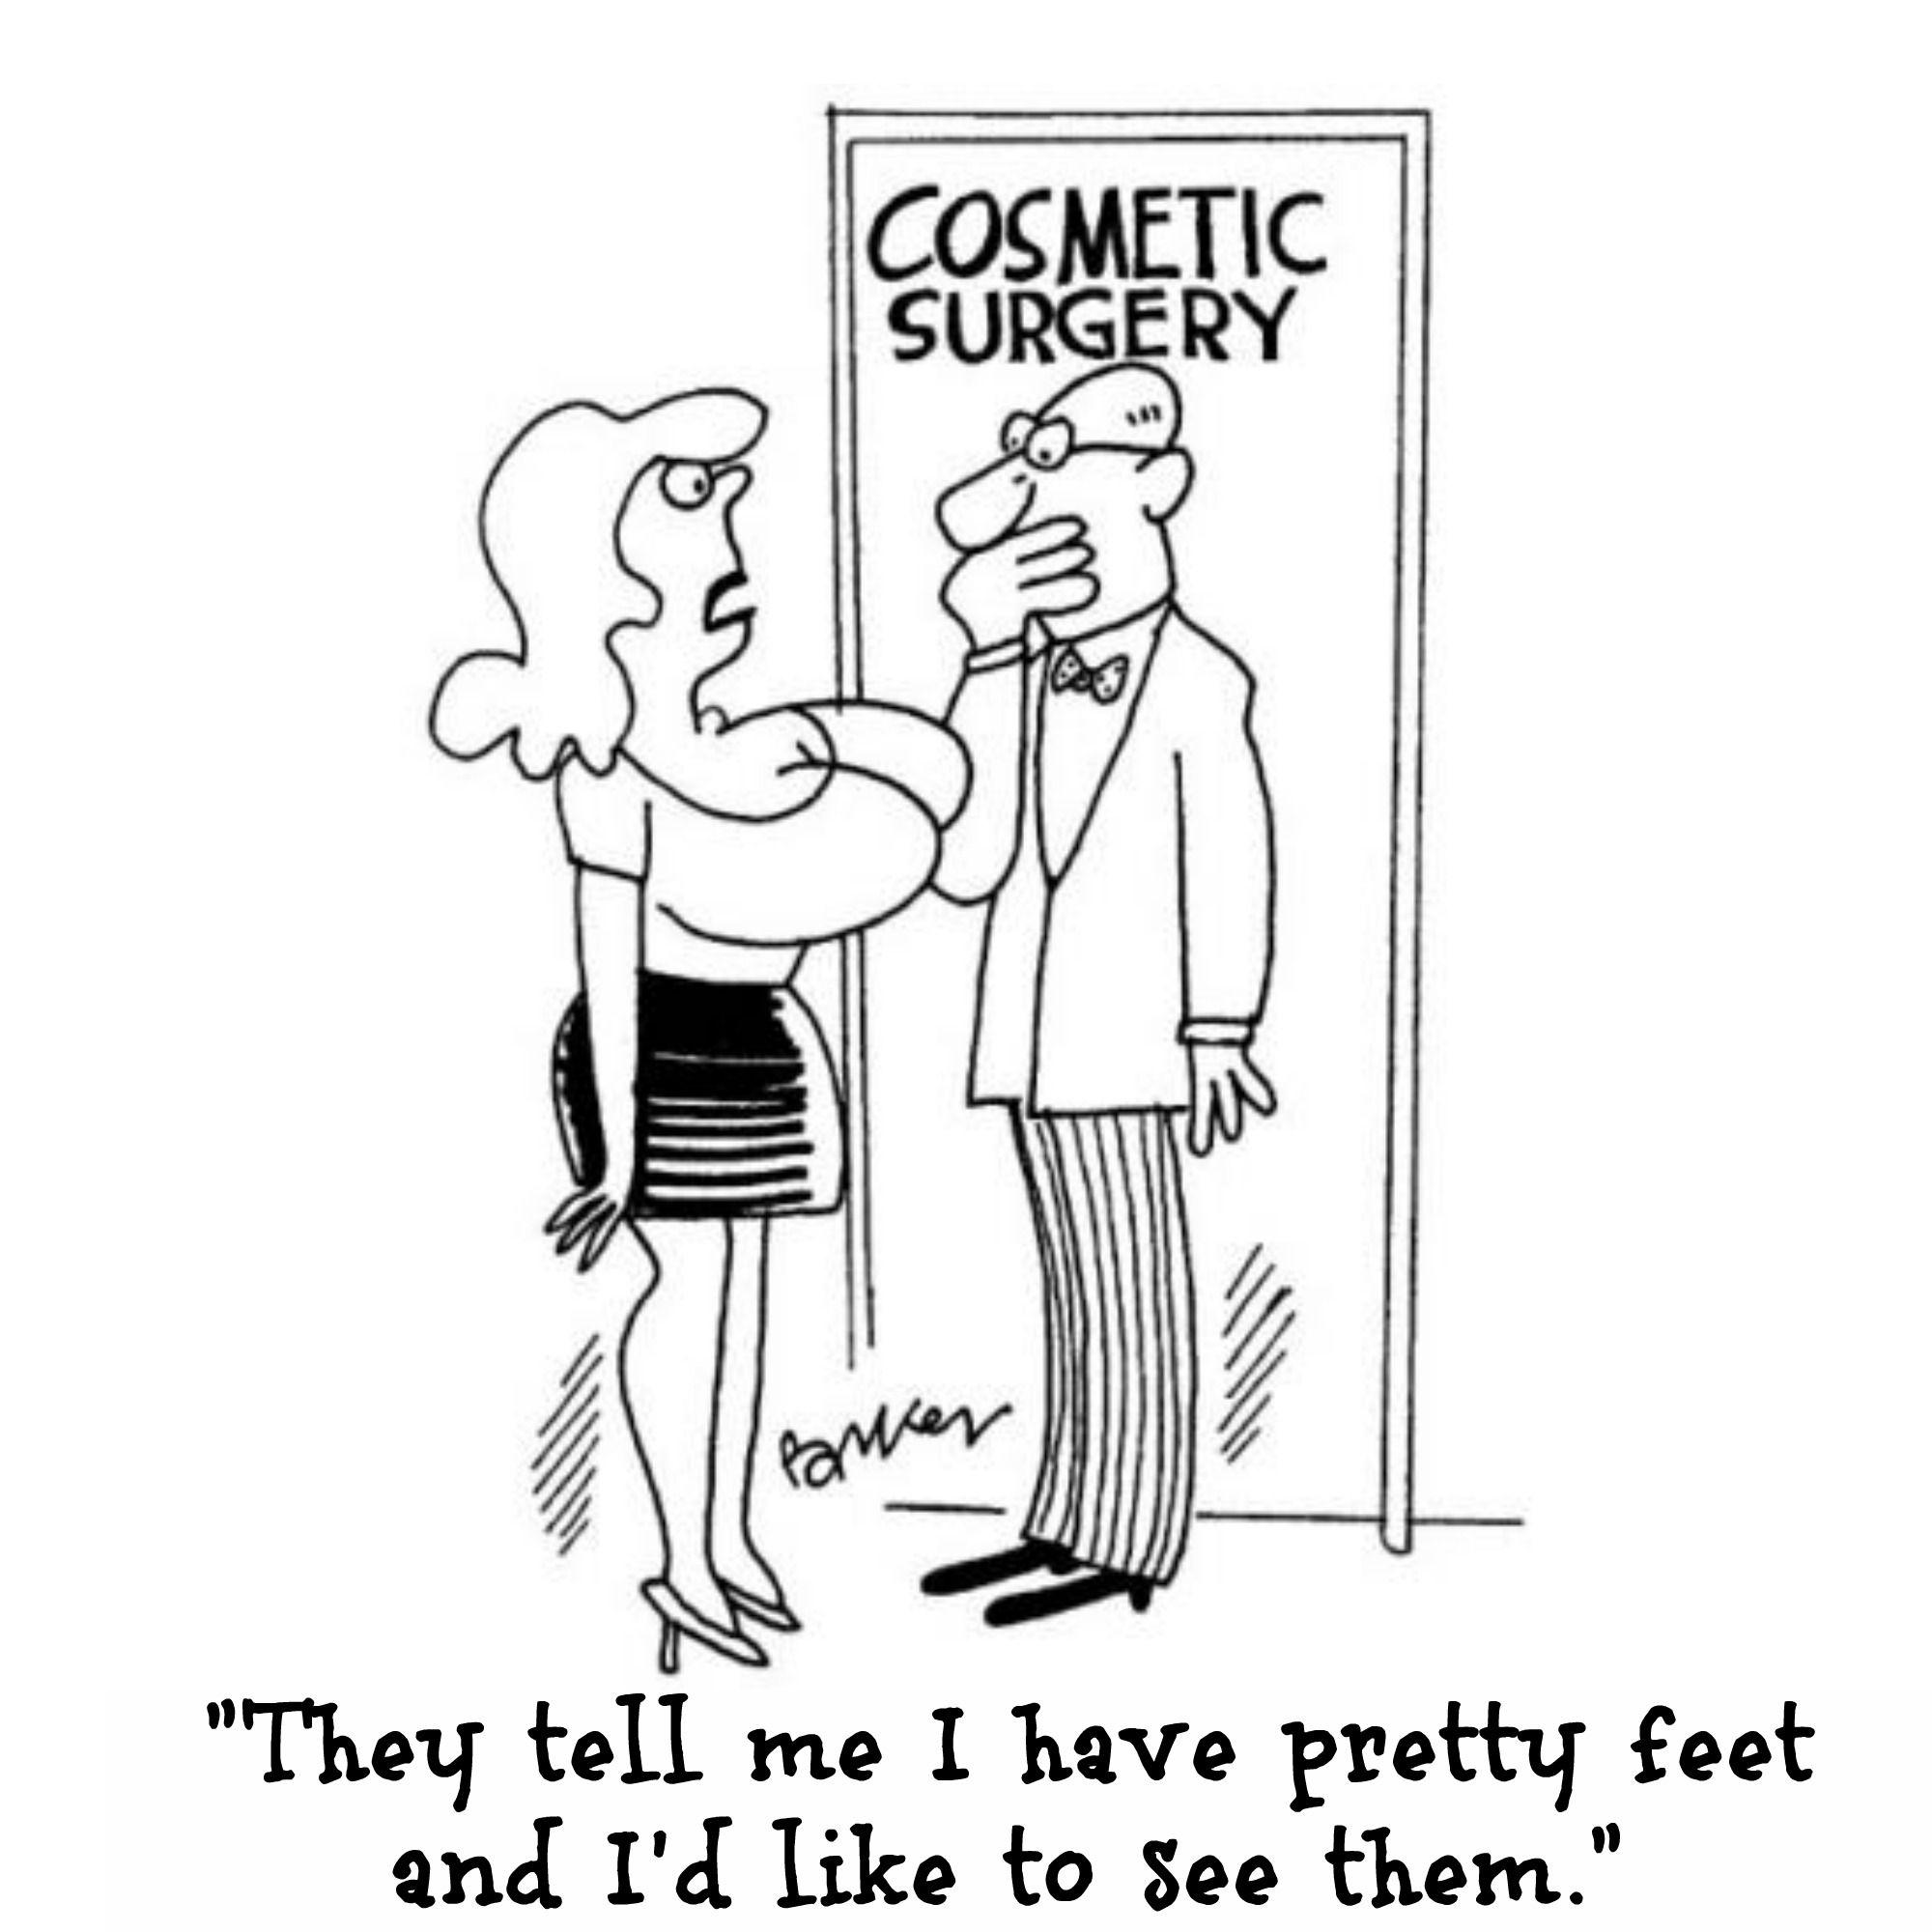 Funny Boob Cartoons pin on beauty secrets